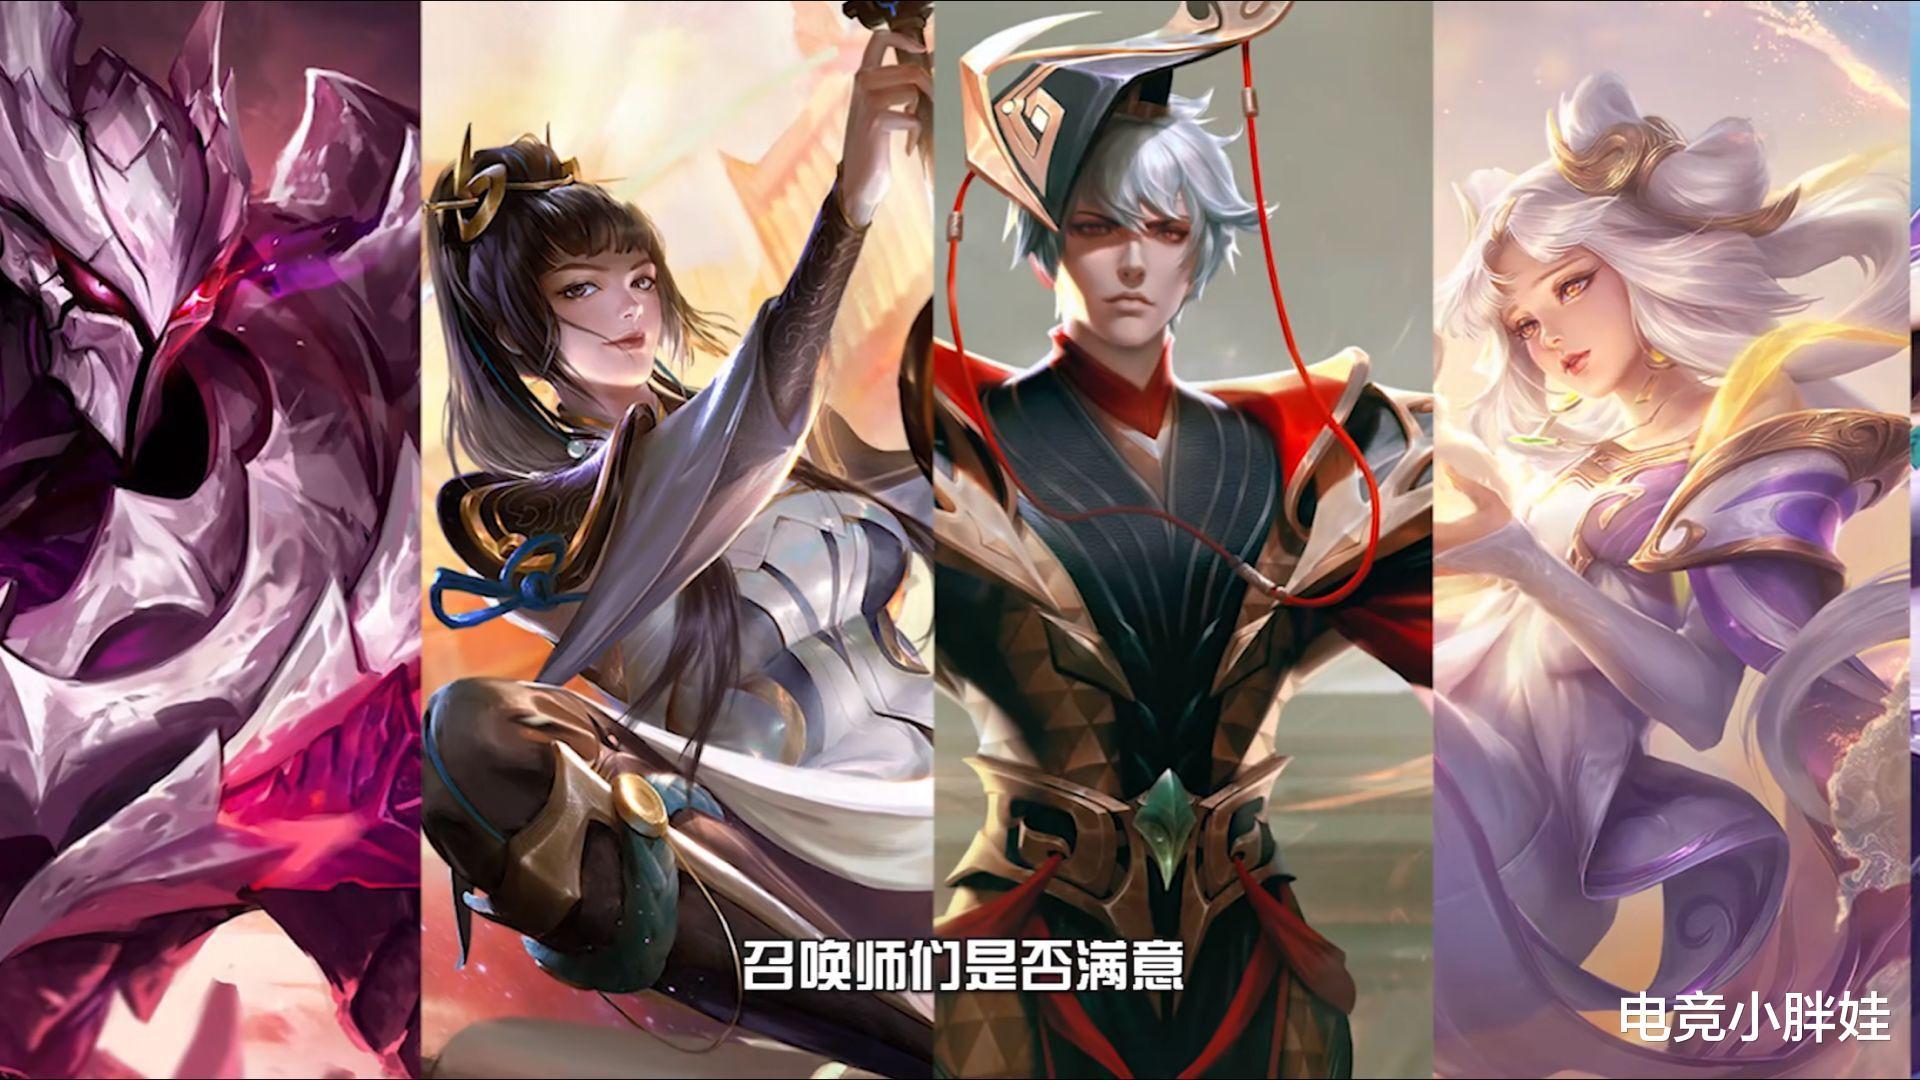 《【煜星平台app登录】王者荣耀官宣新的铭文系统,引起一些玩家的不满,新手:取消铭文才最平衡》